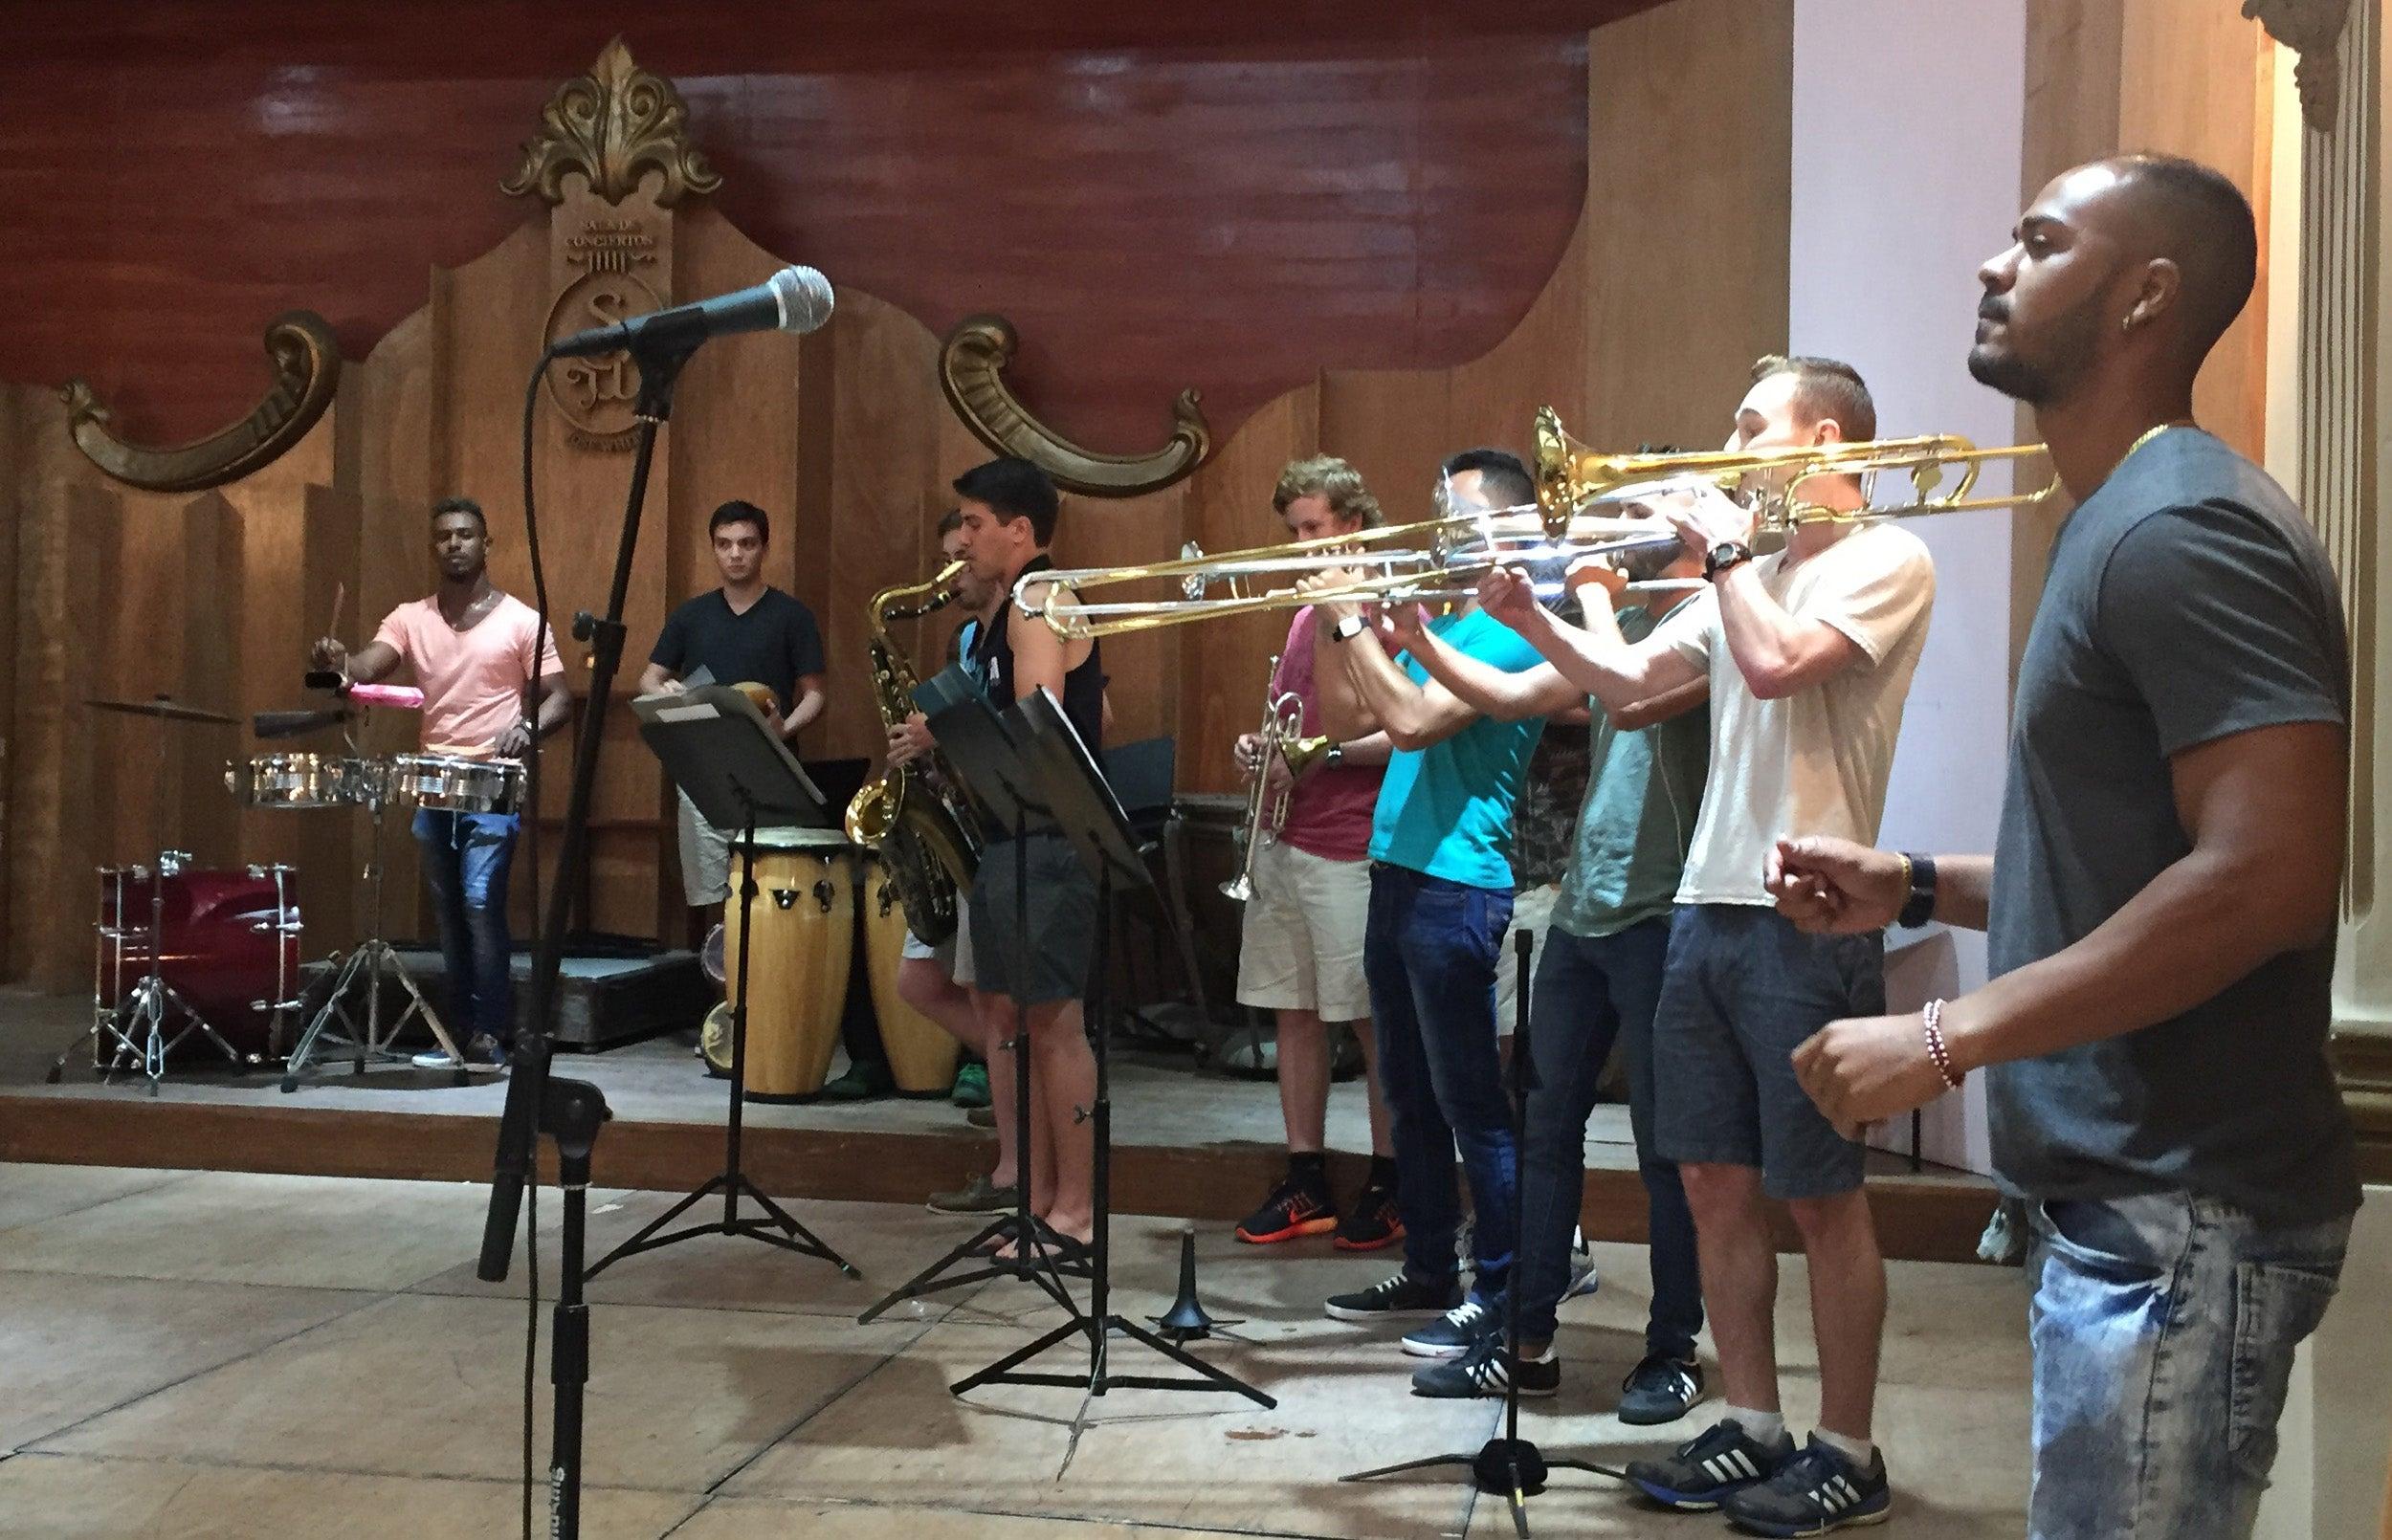 Orquesta Típica Miguel Failde .